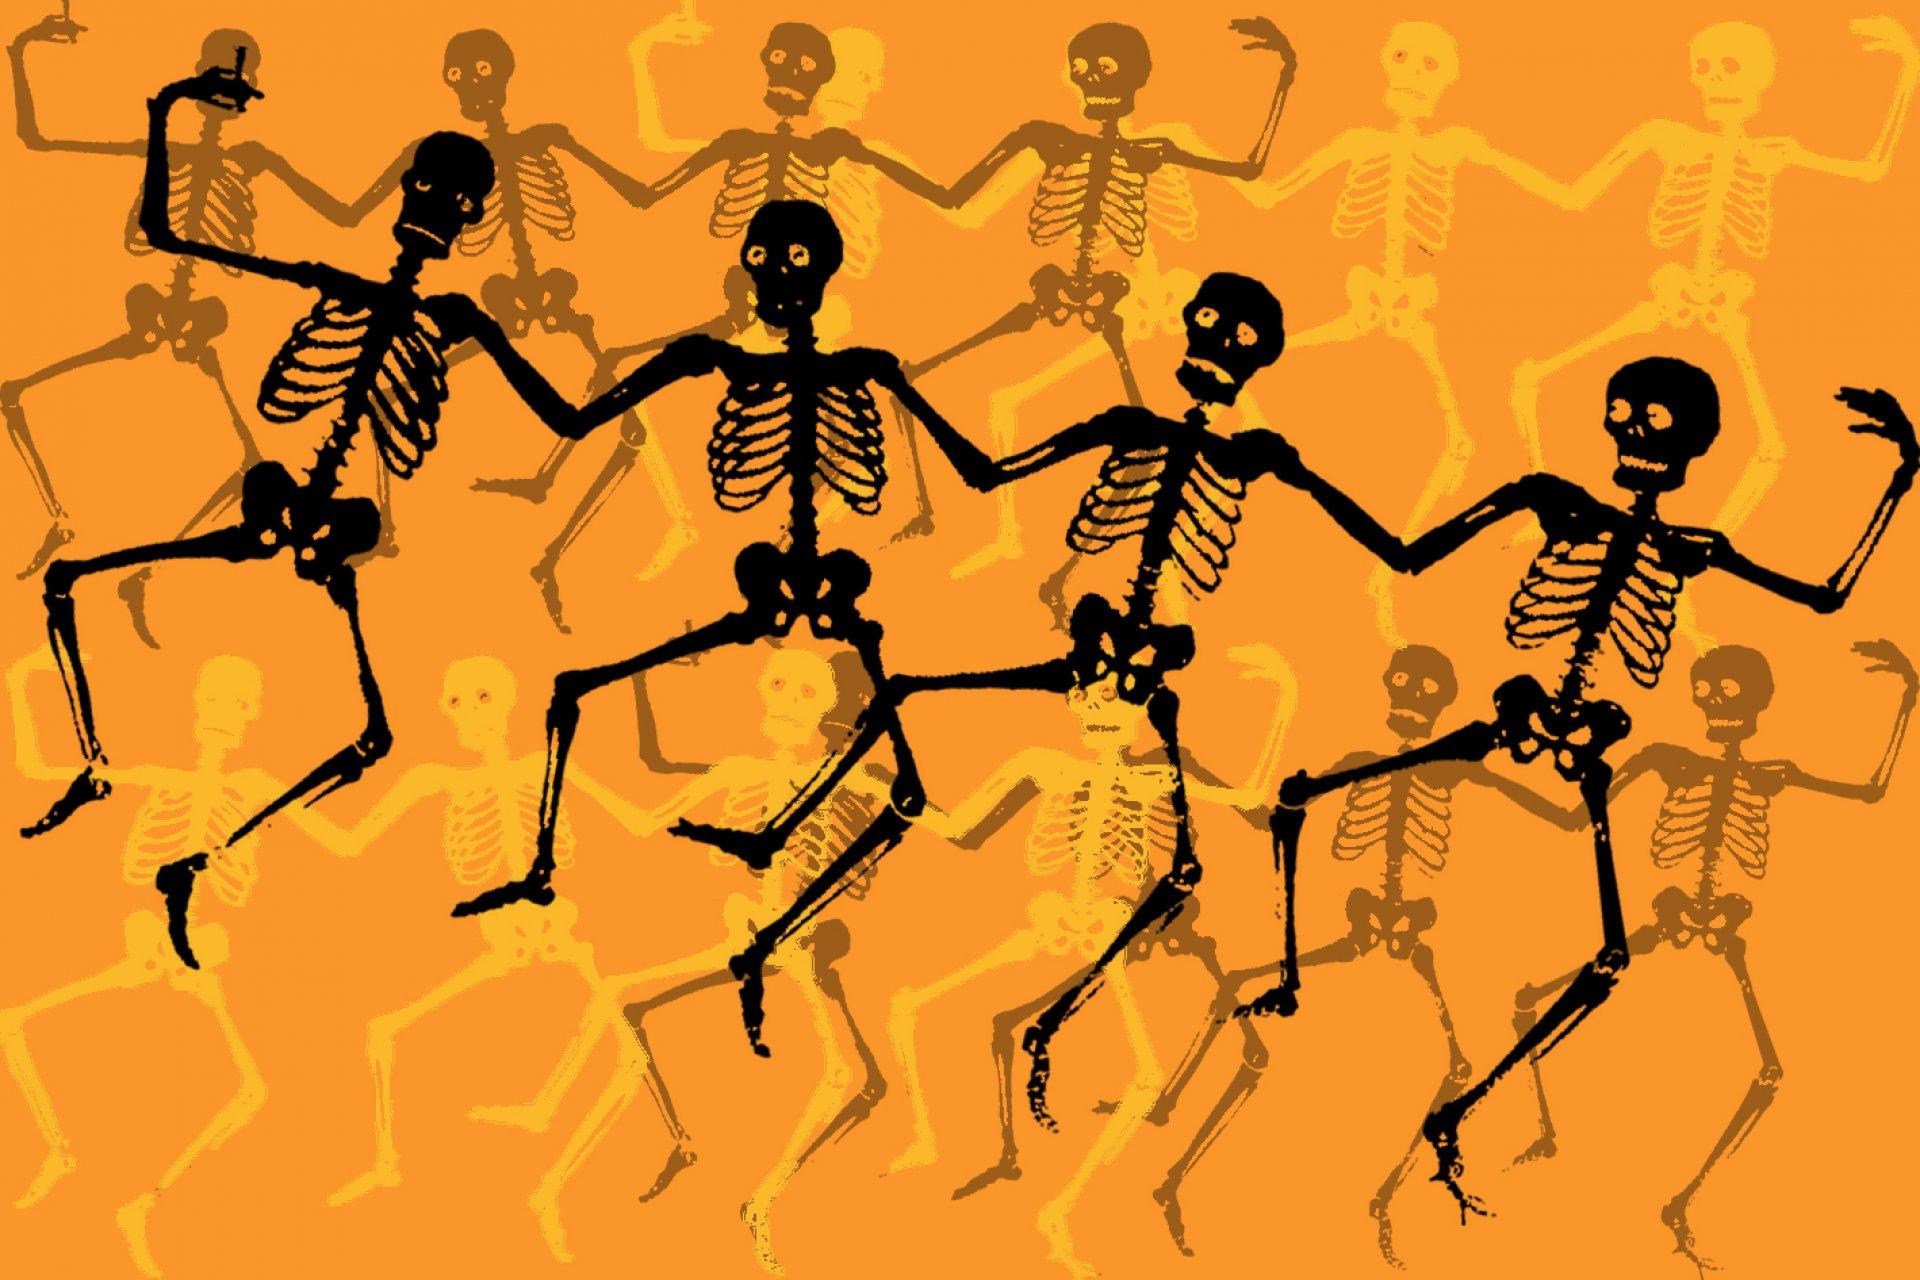 halloweenplaylistgraphic